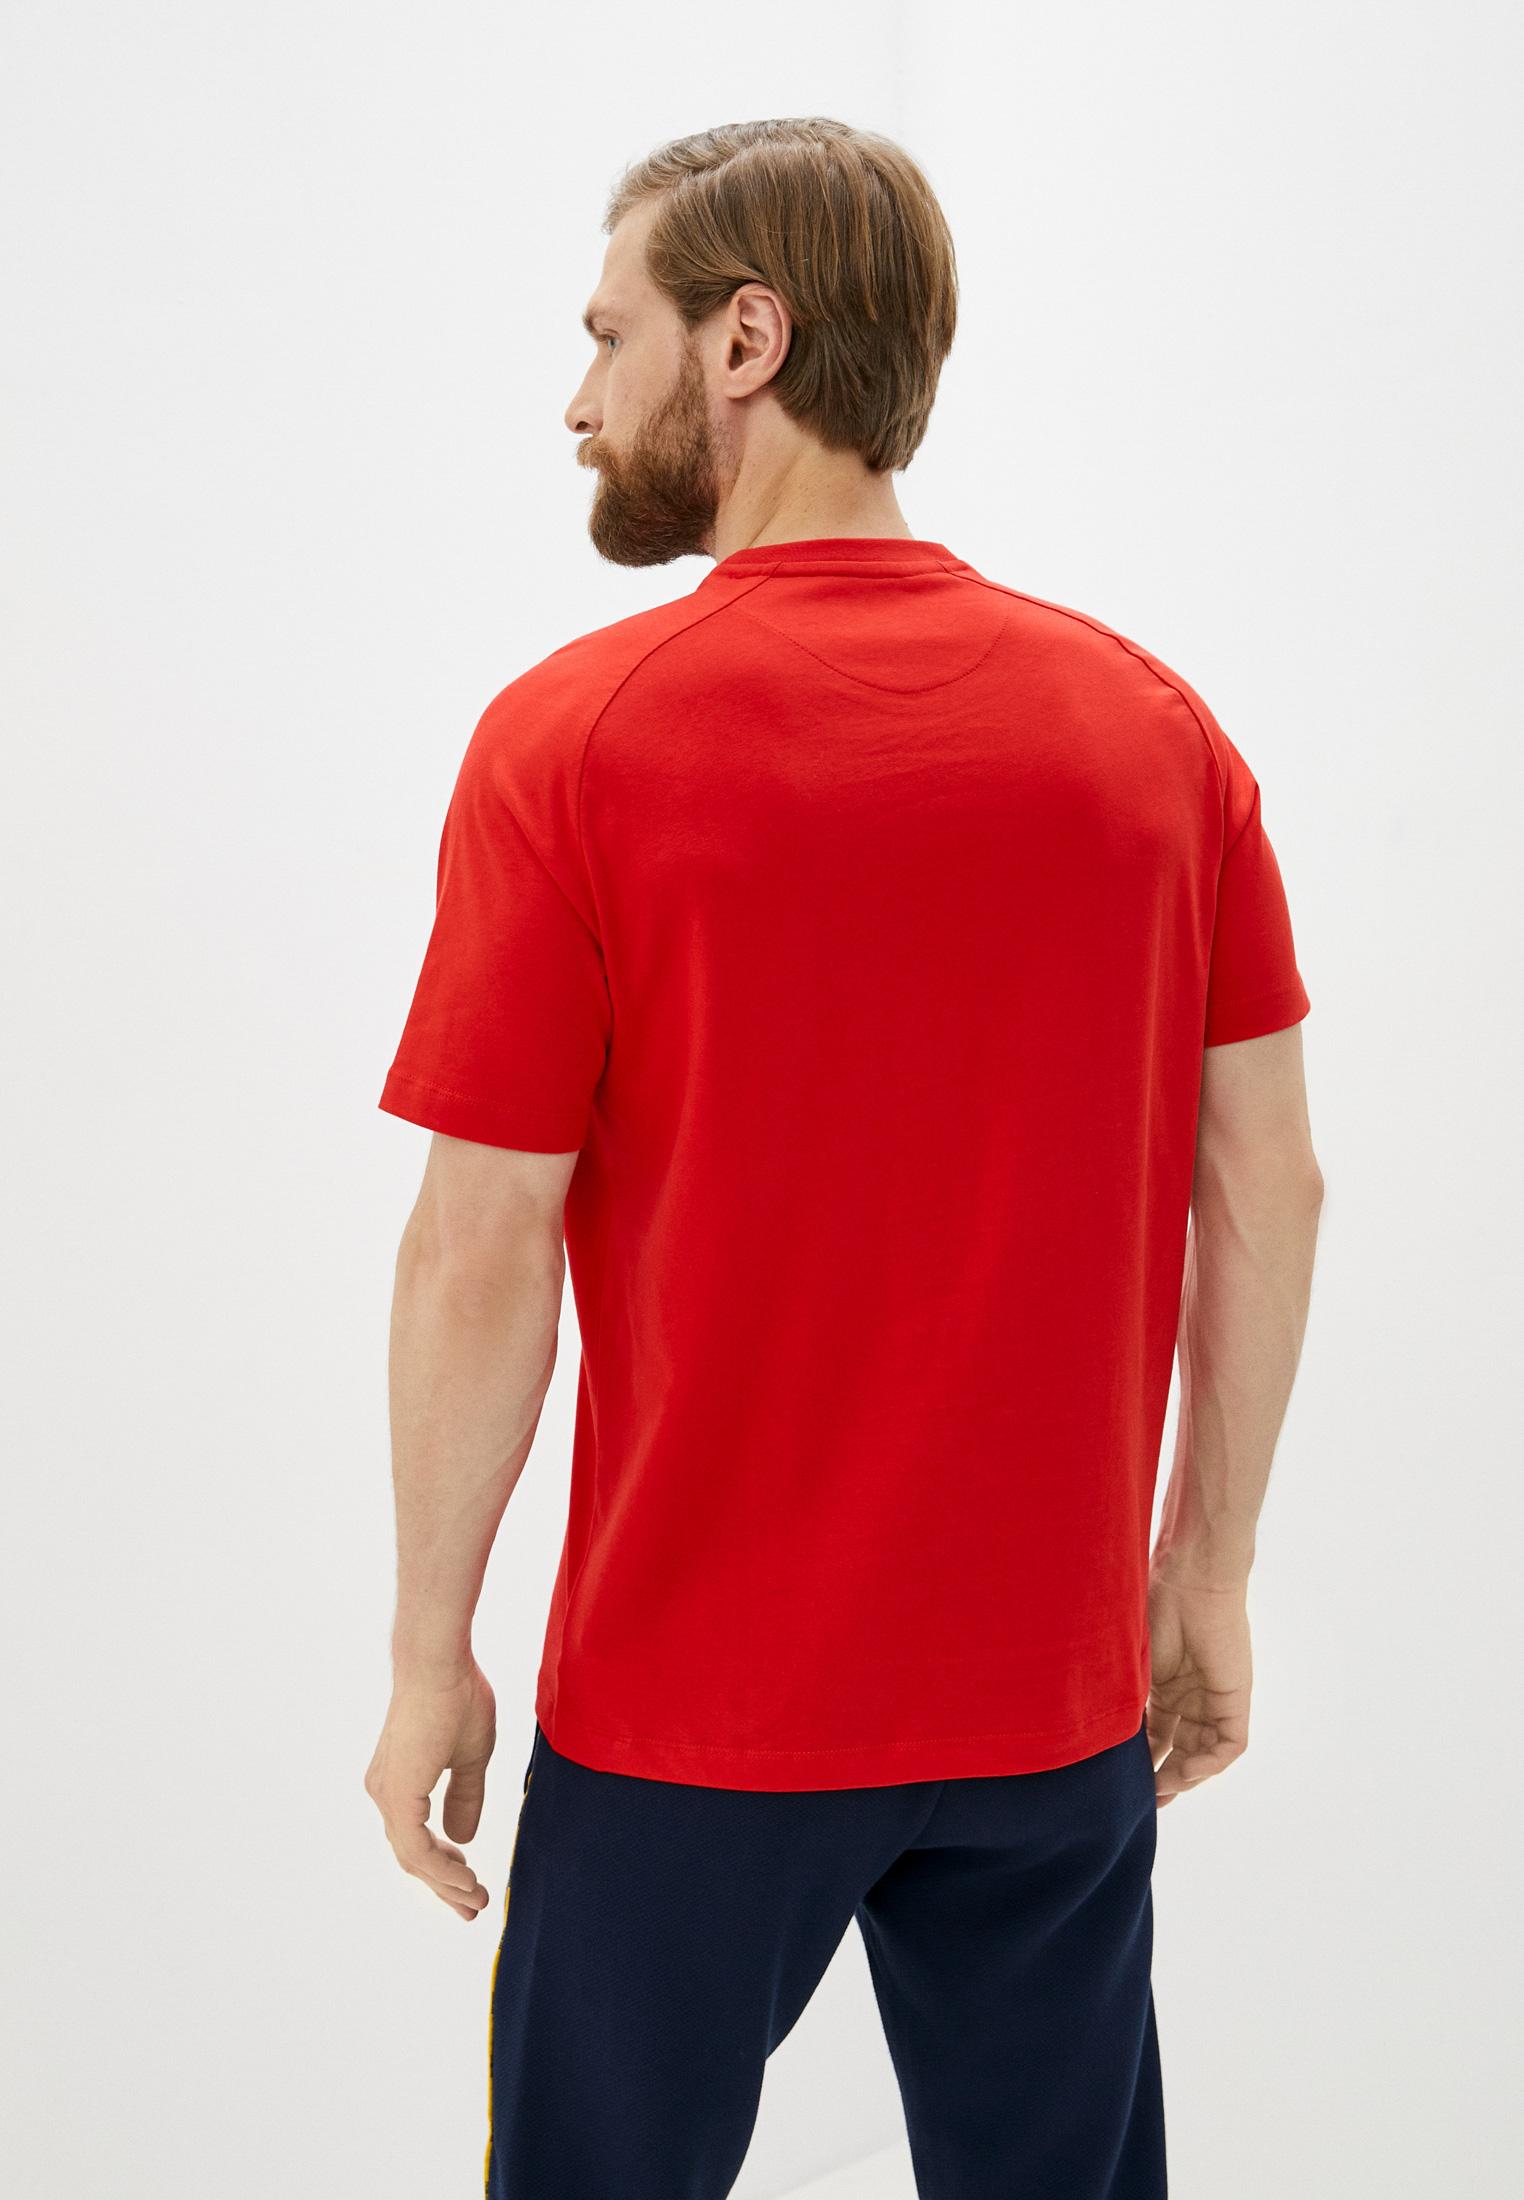 Мужская футболка Bikkembergs (Биккембергс) C 4 117 01 M 4298: изображение 4